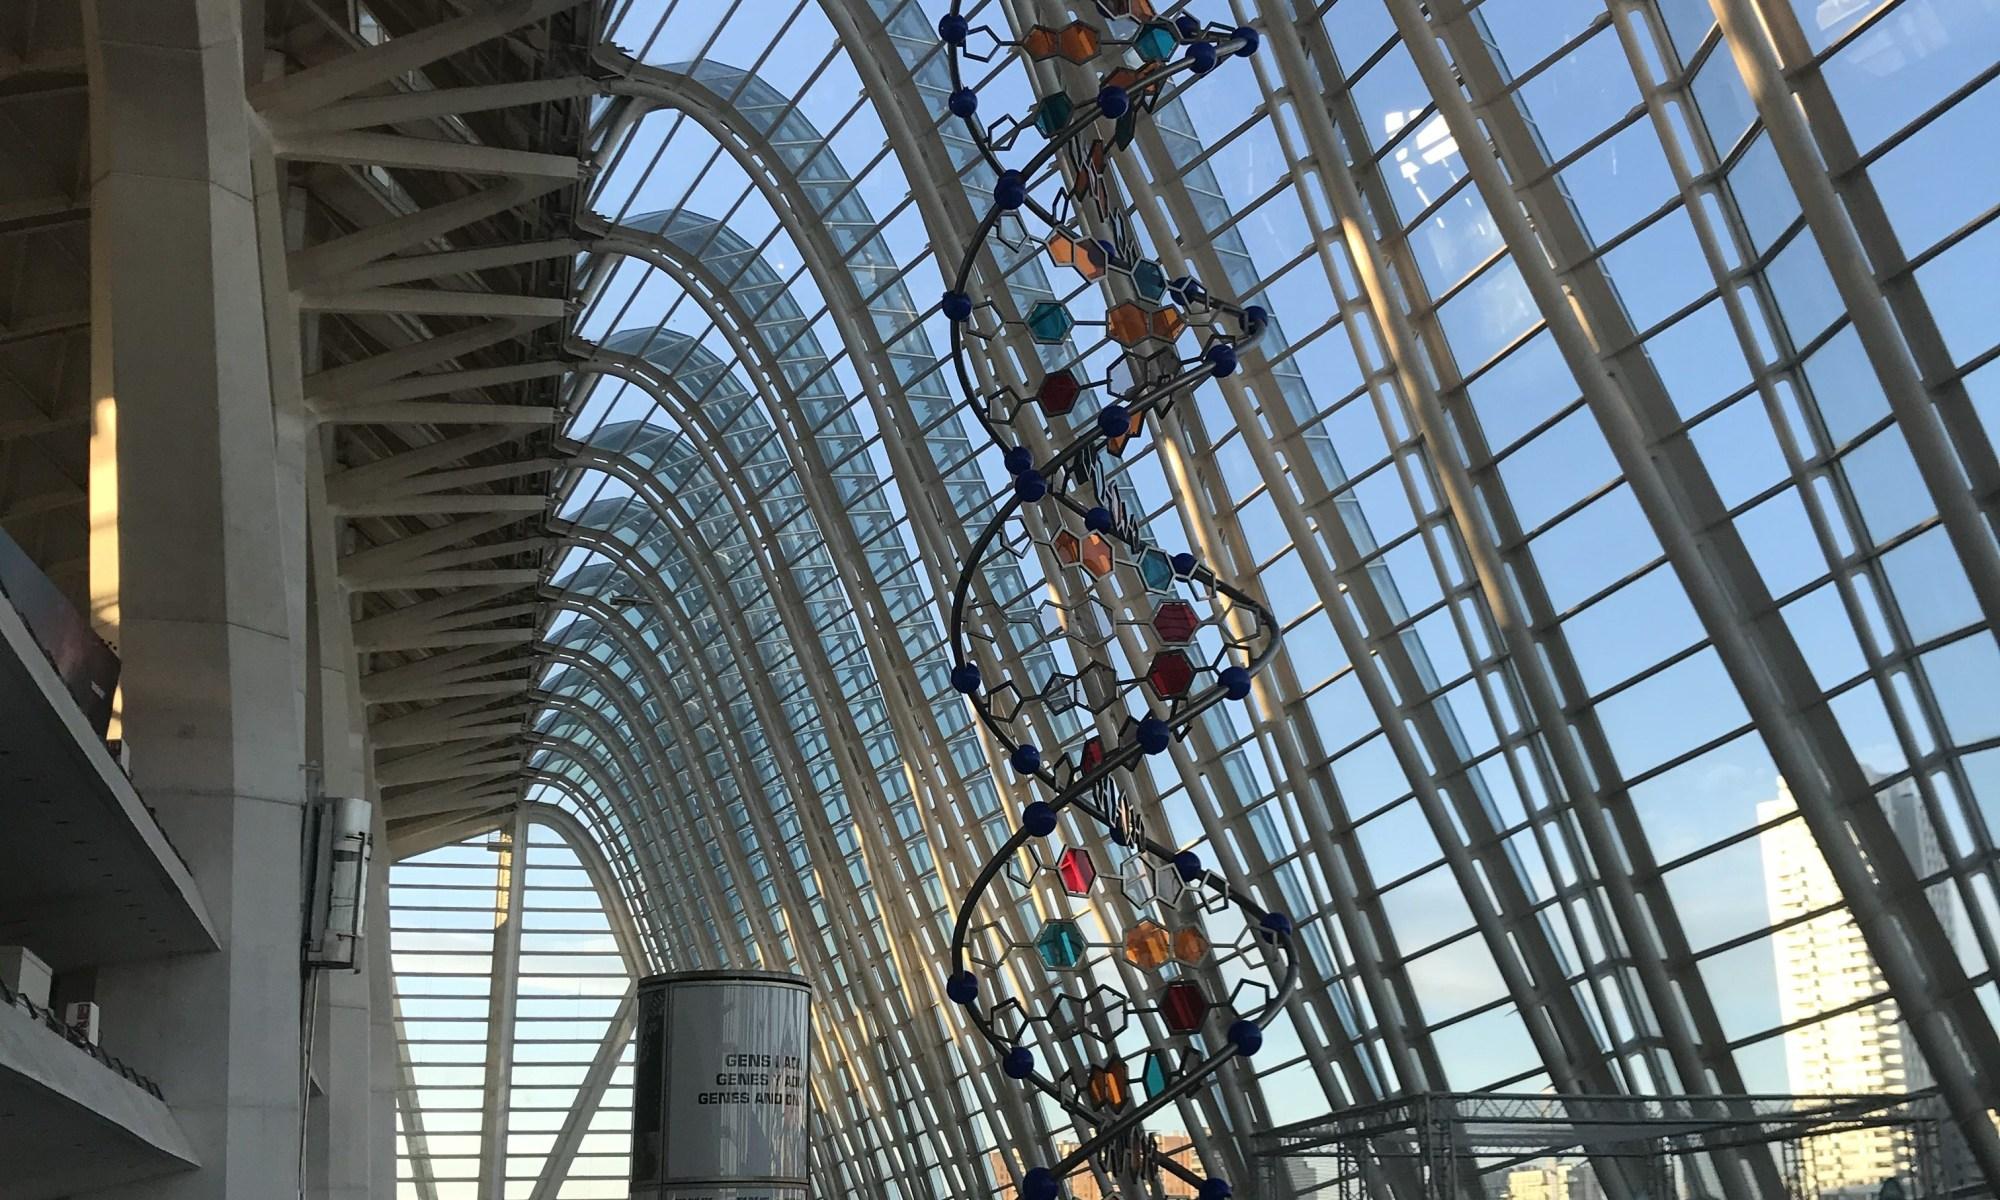 O belo DNA gigante no Museu das Ciências de Valência